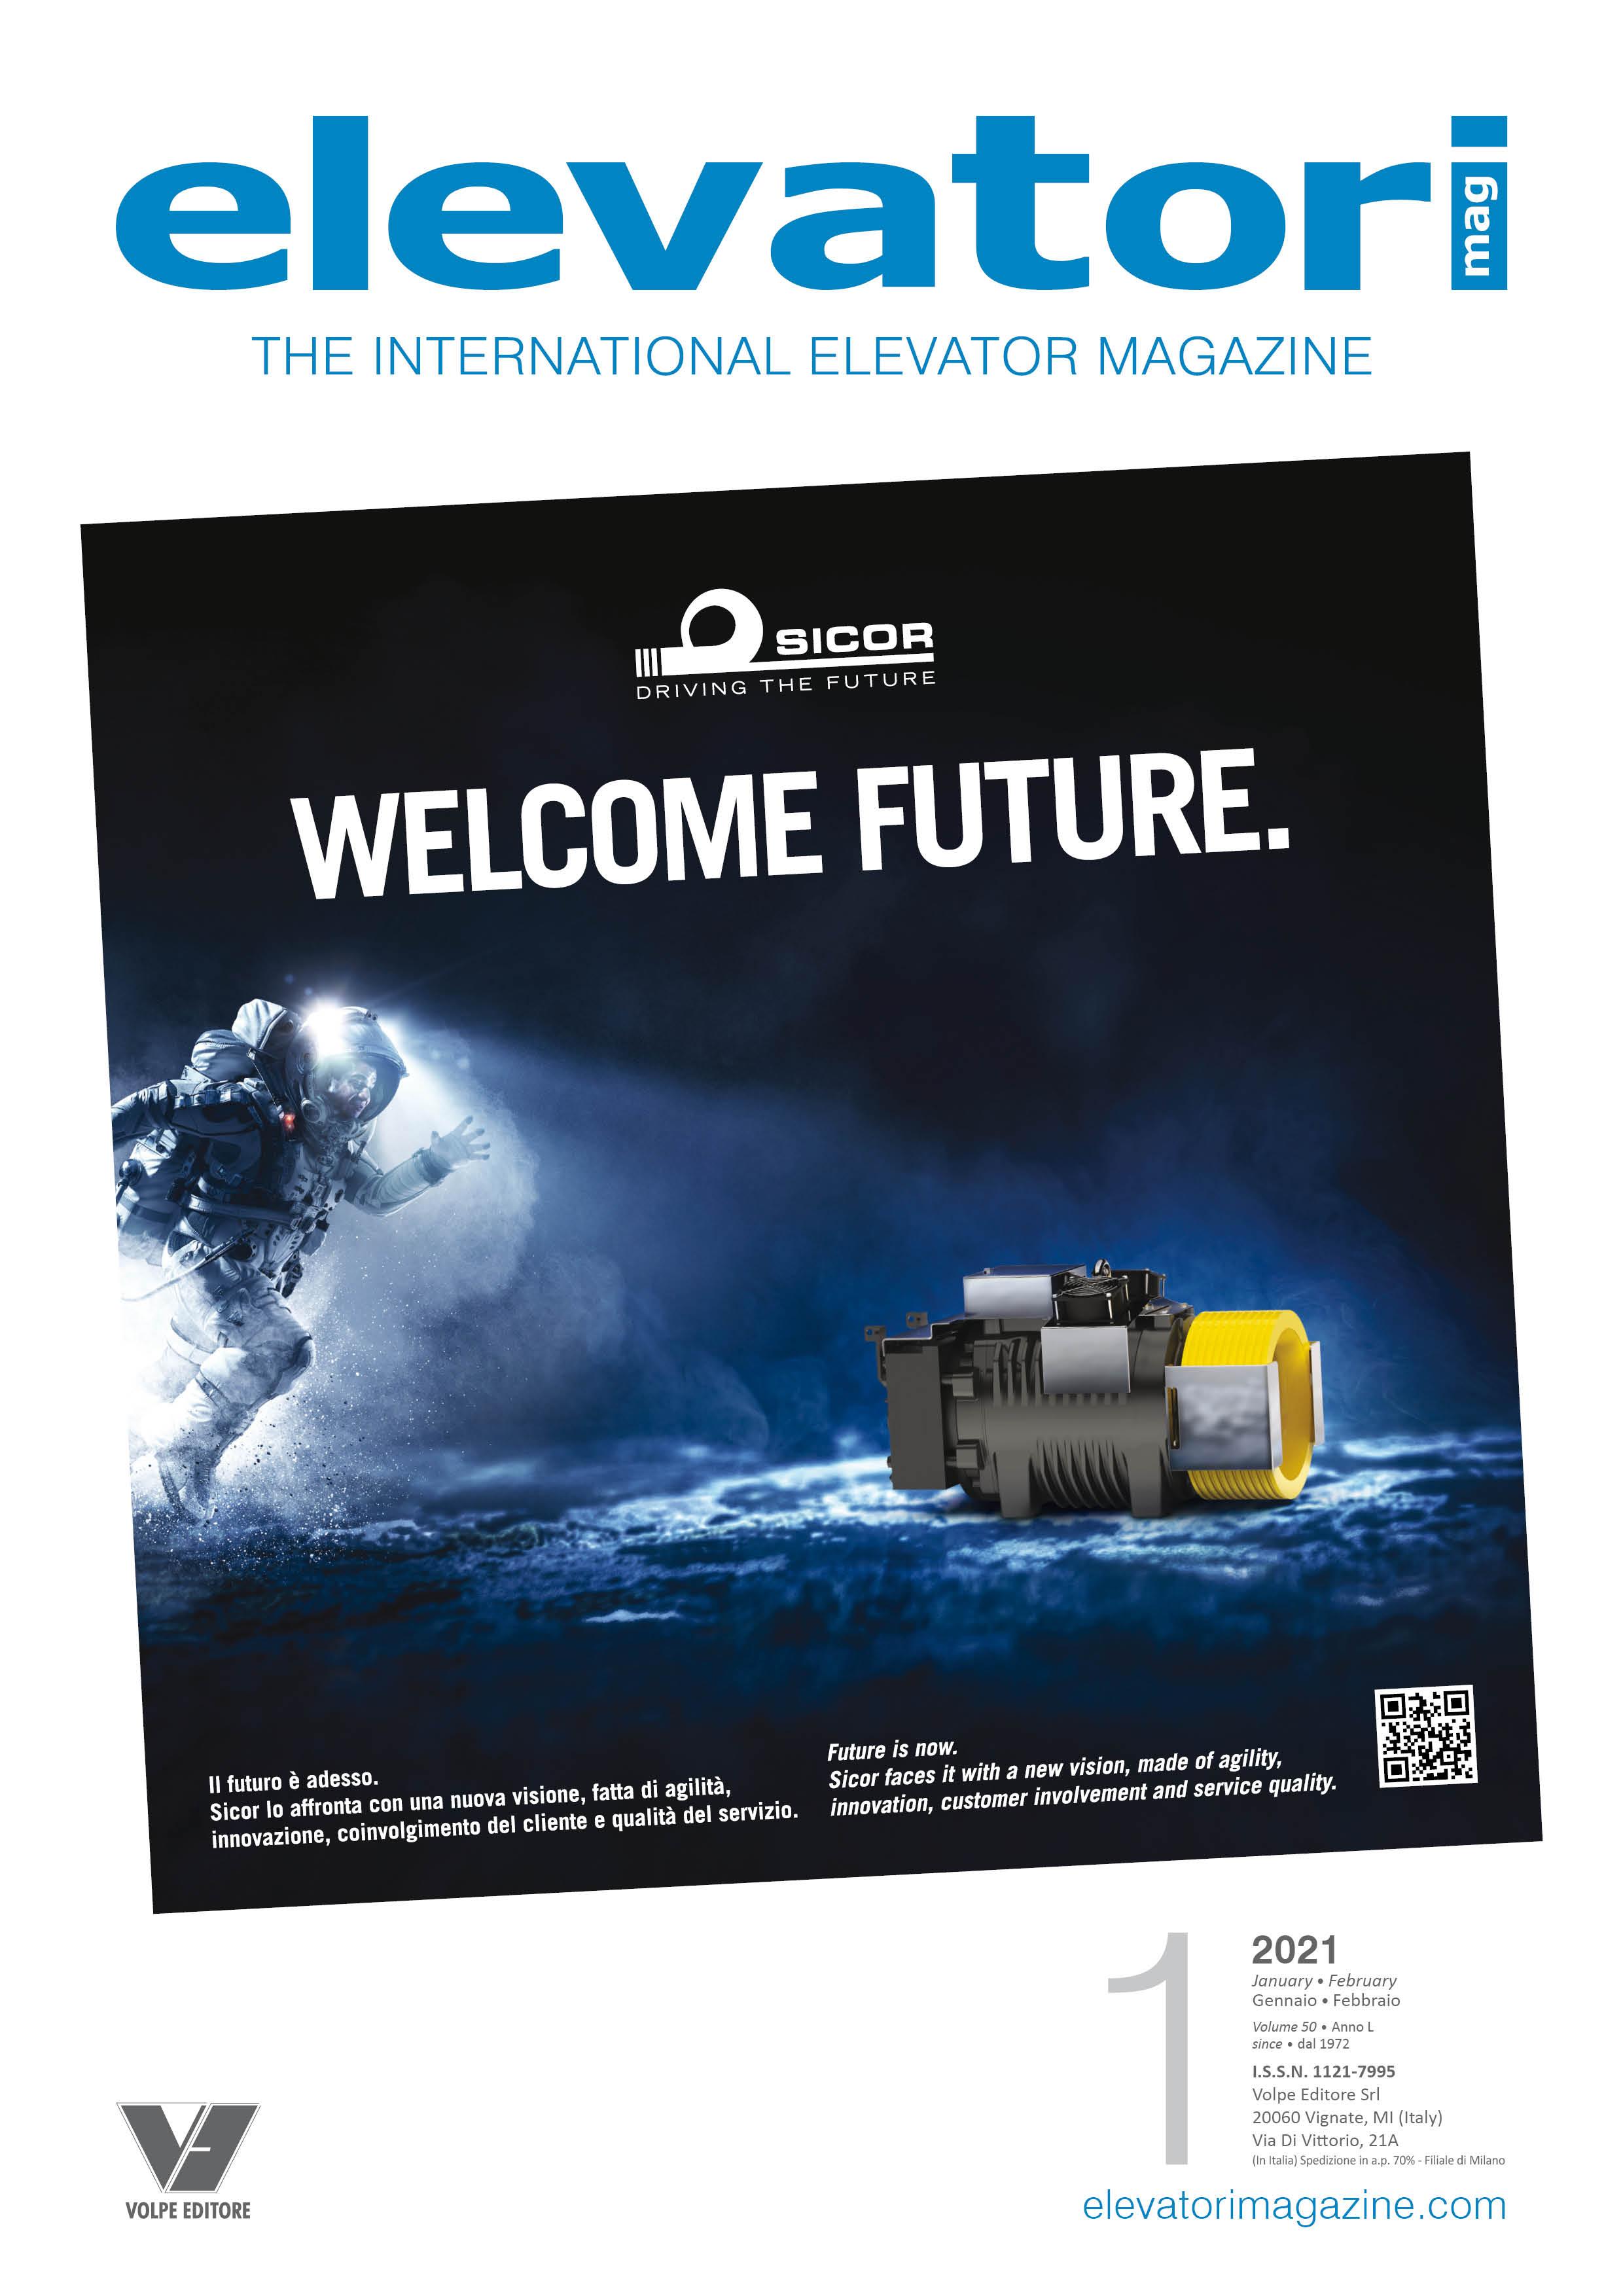 elevatori-1-2021